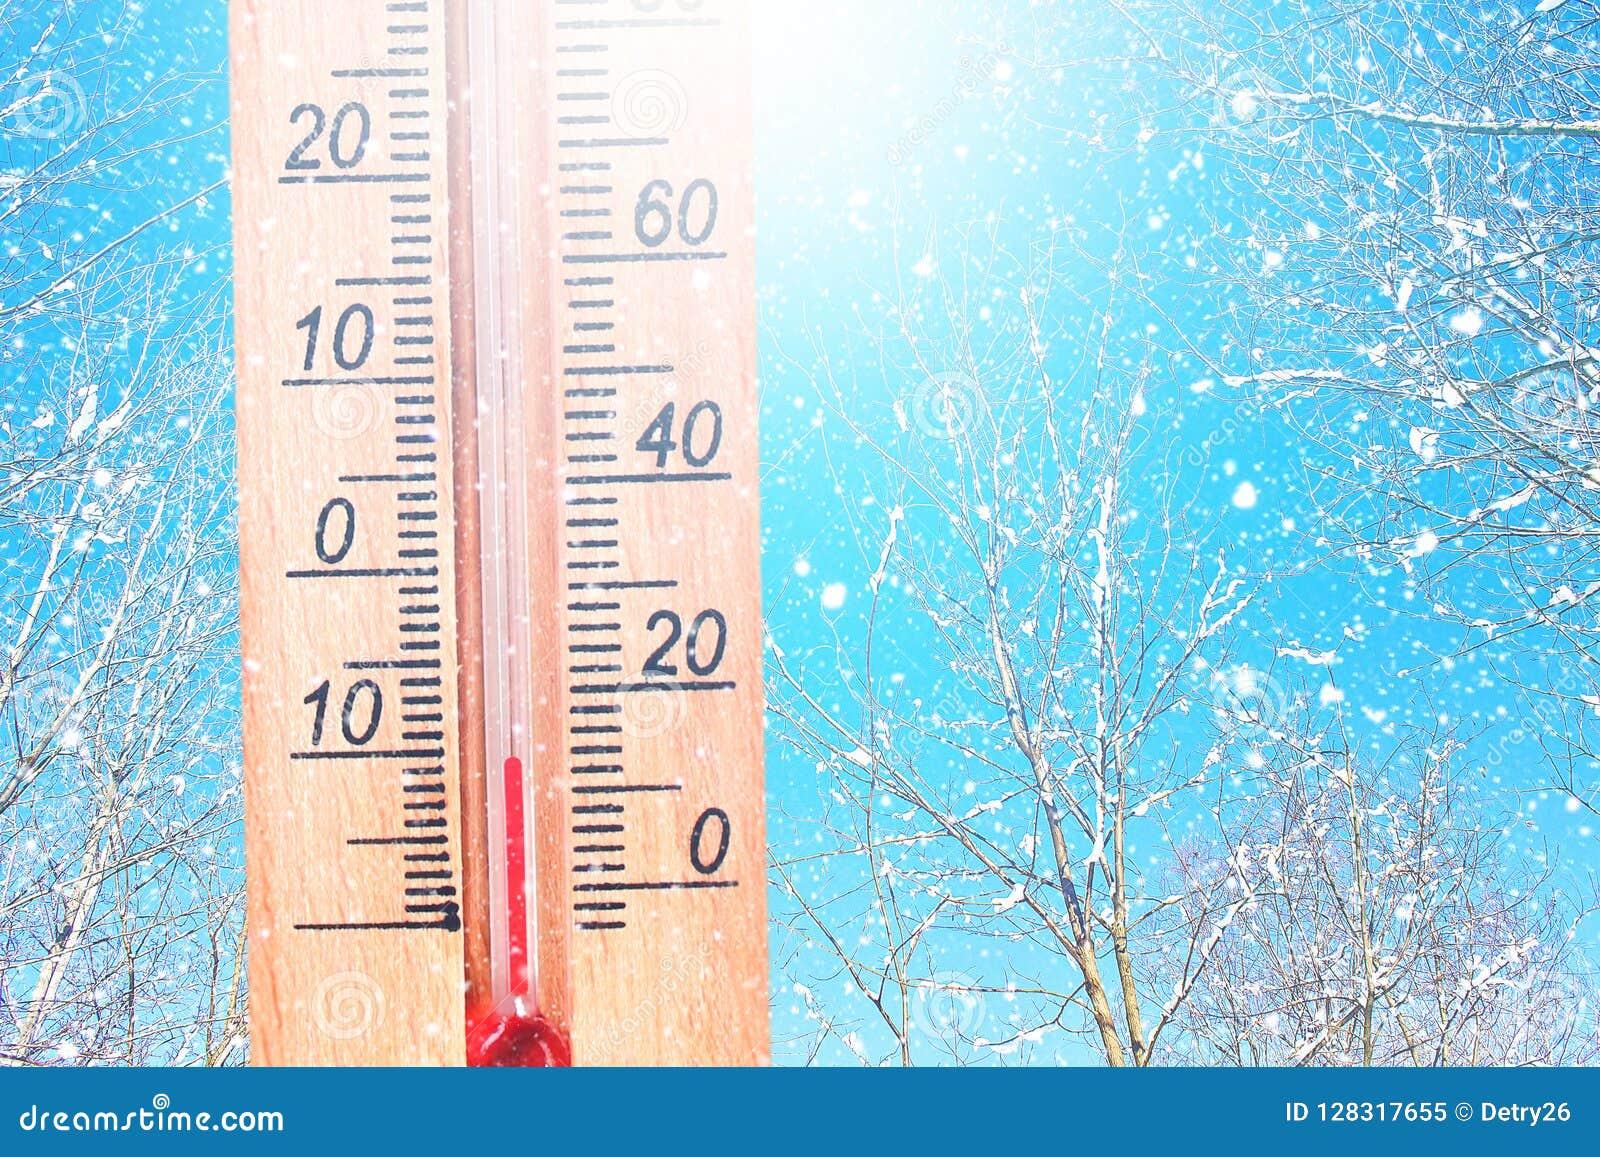 冷的冬天天气- 10摄氏度 在冬天冷淡的天气的温度计在雪显示低温-减十 低